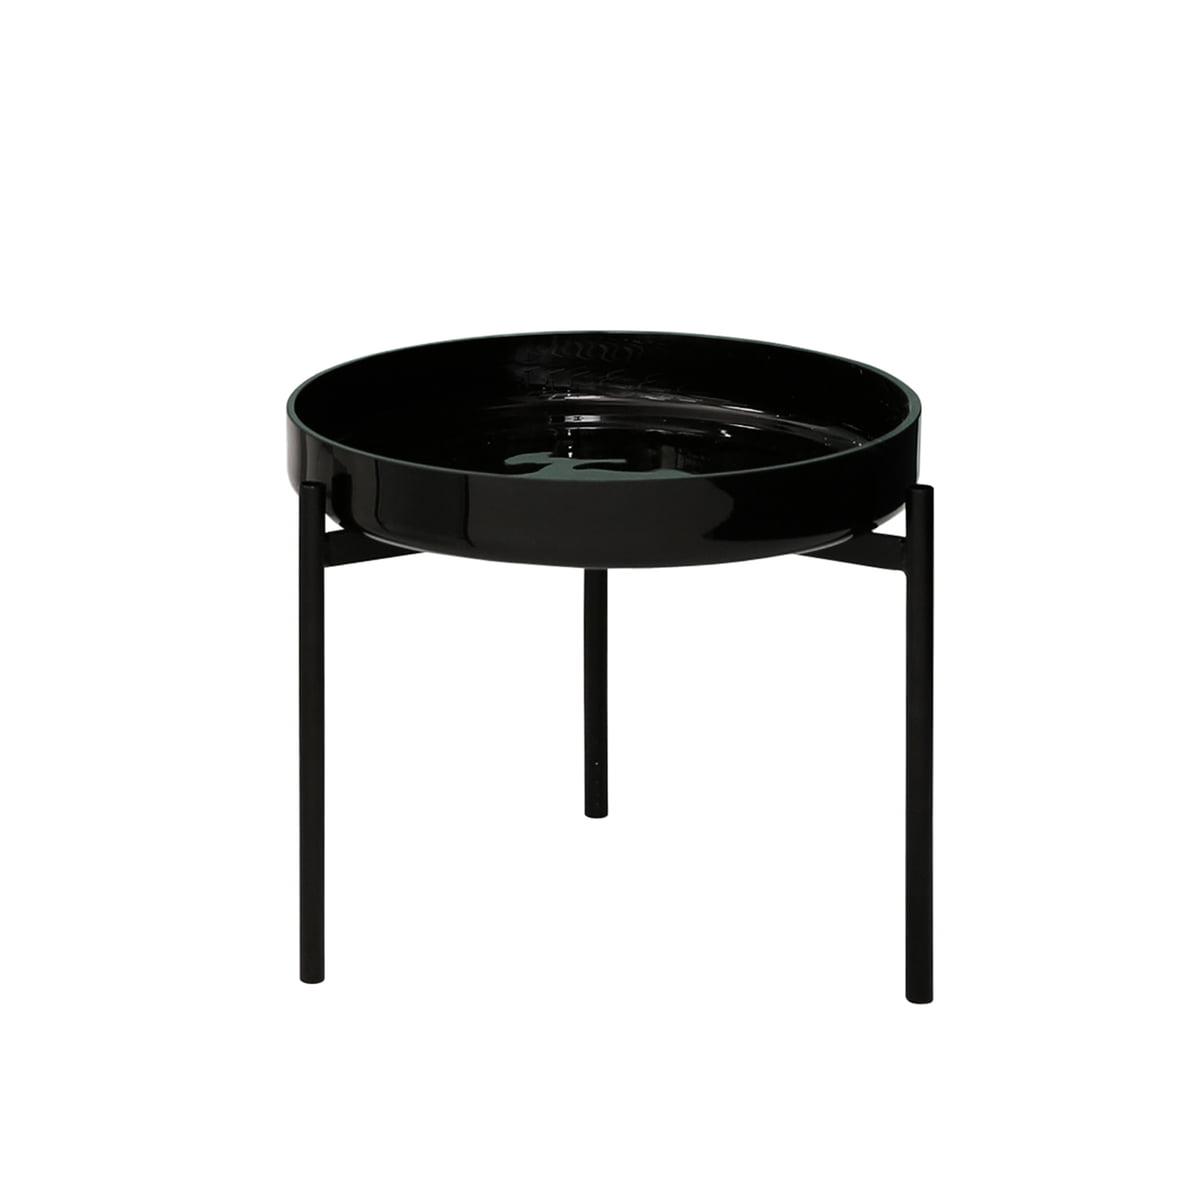 beistelltisch karussel von pulpo im shop. Black Bedroom Furniture Sets. Home Design Ideas